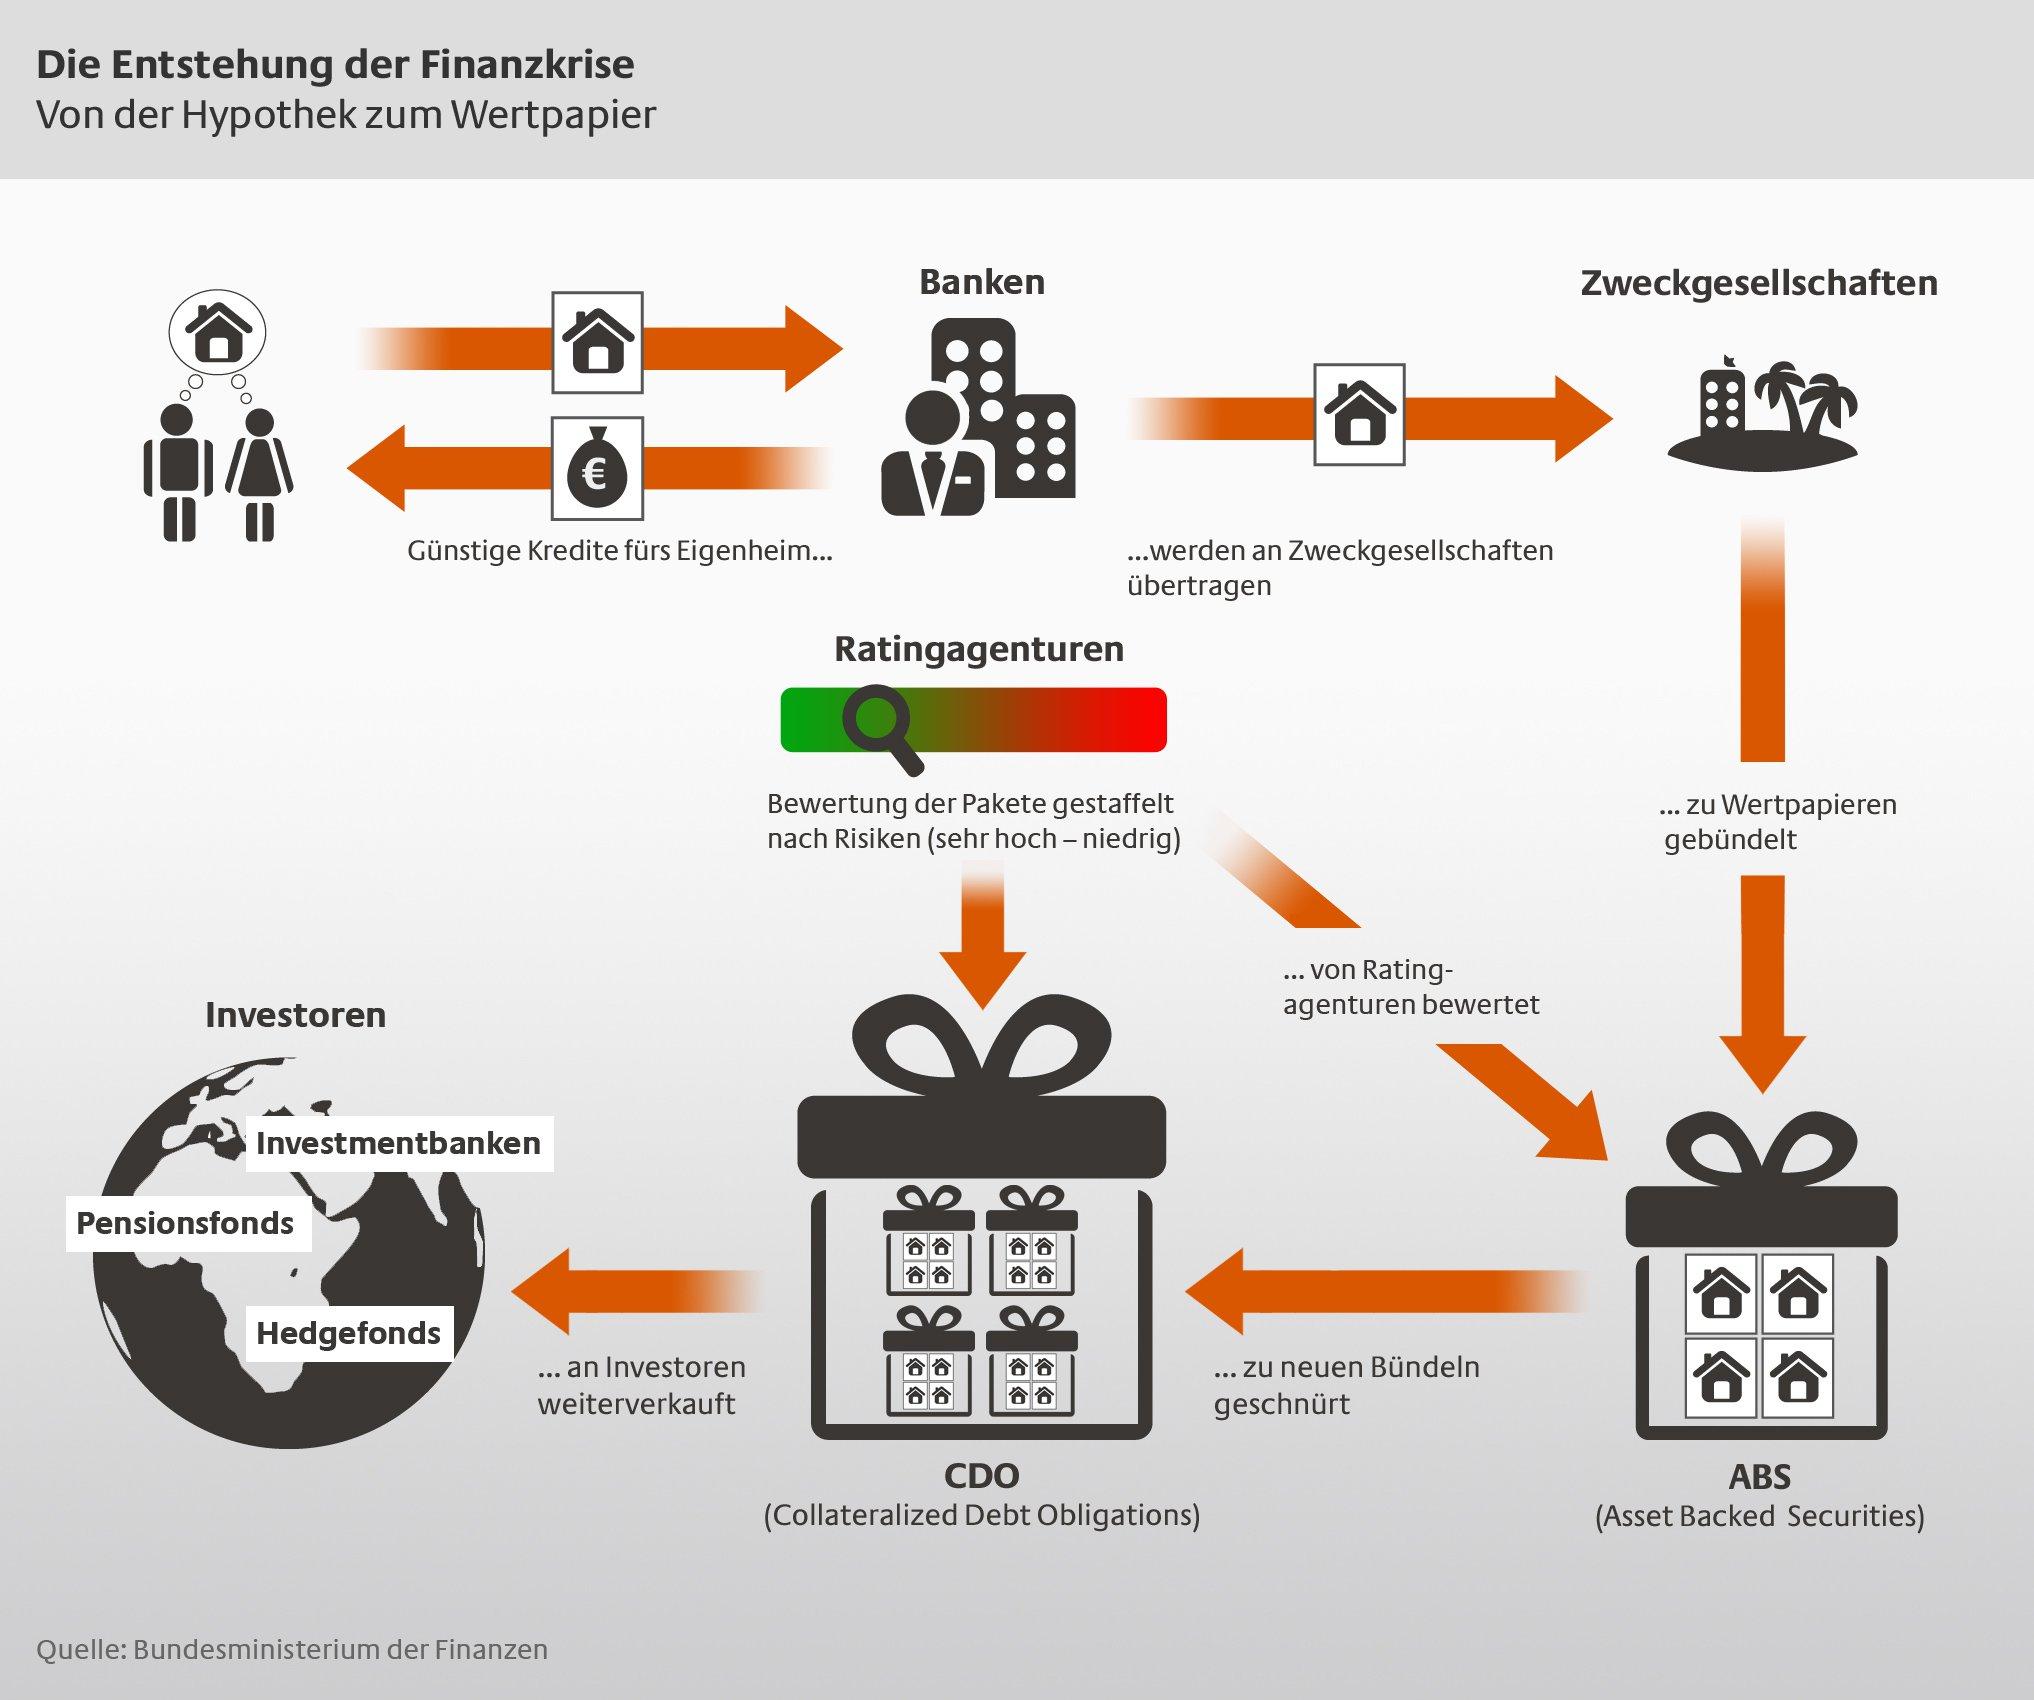 Infografik zur Entstehung der Finanzkrise